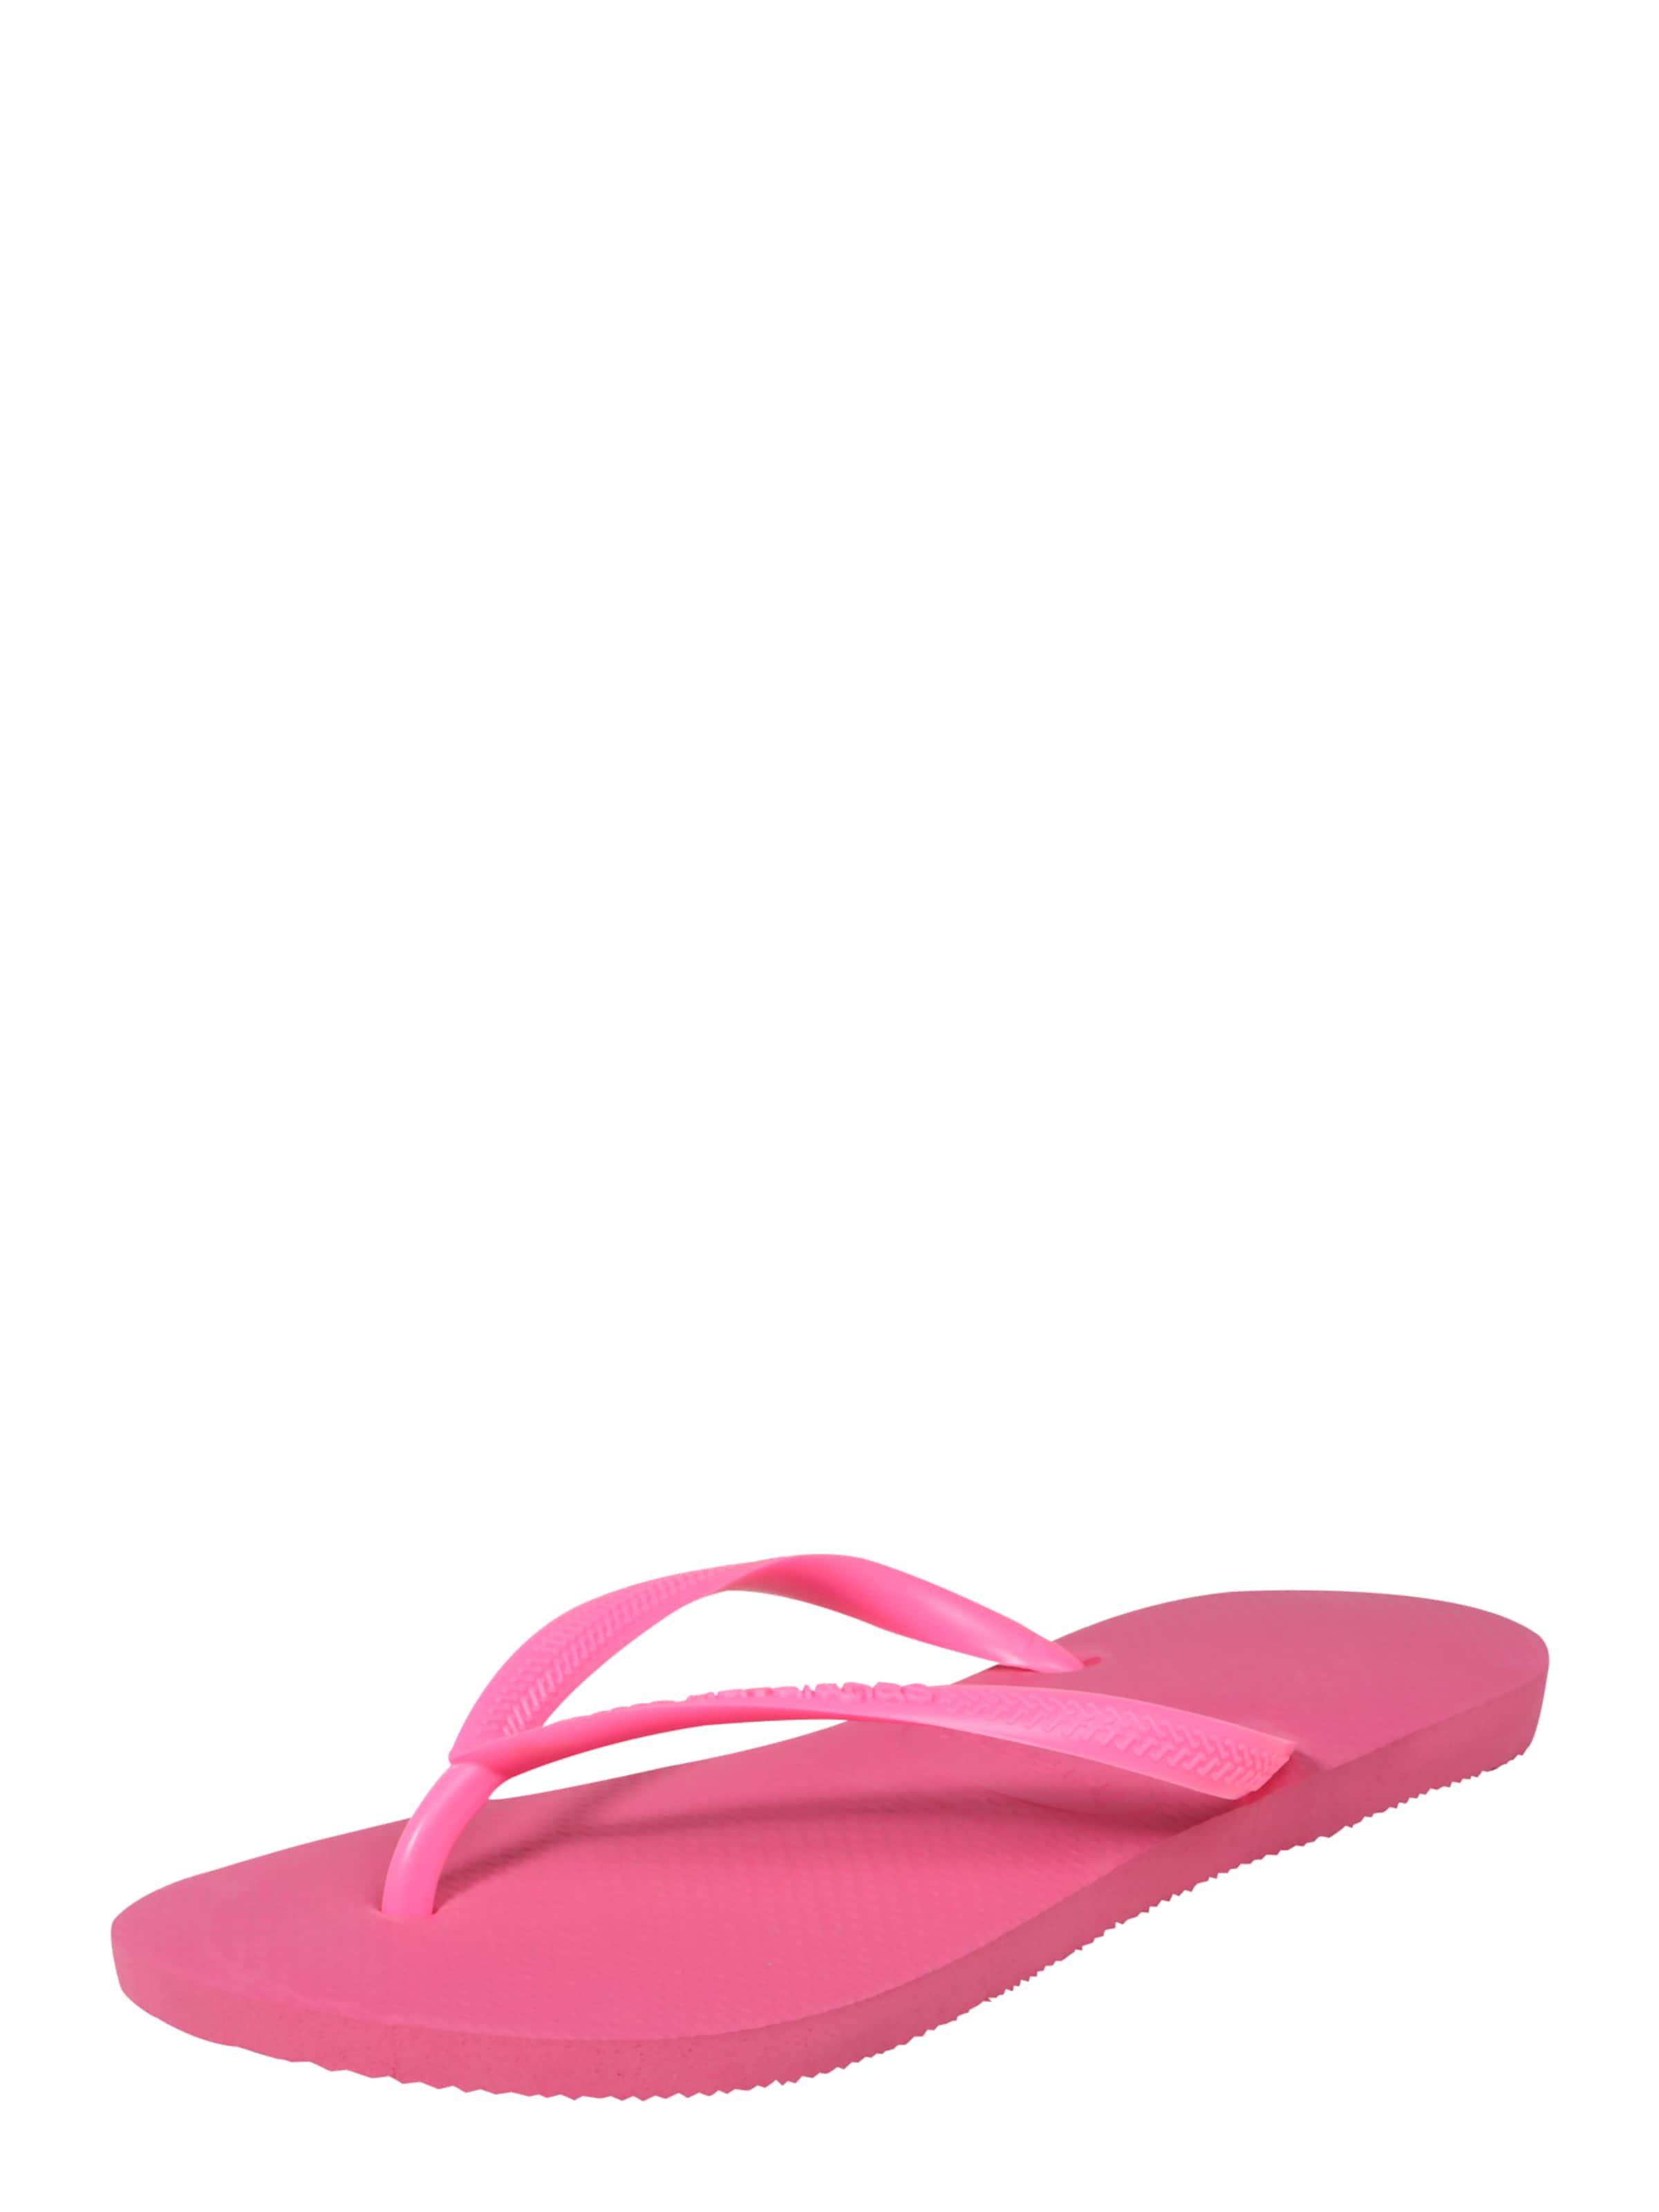 HAVAIANAS Badepantolette mit Zehensteg Günstige und langlebige Schuhe